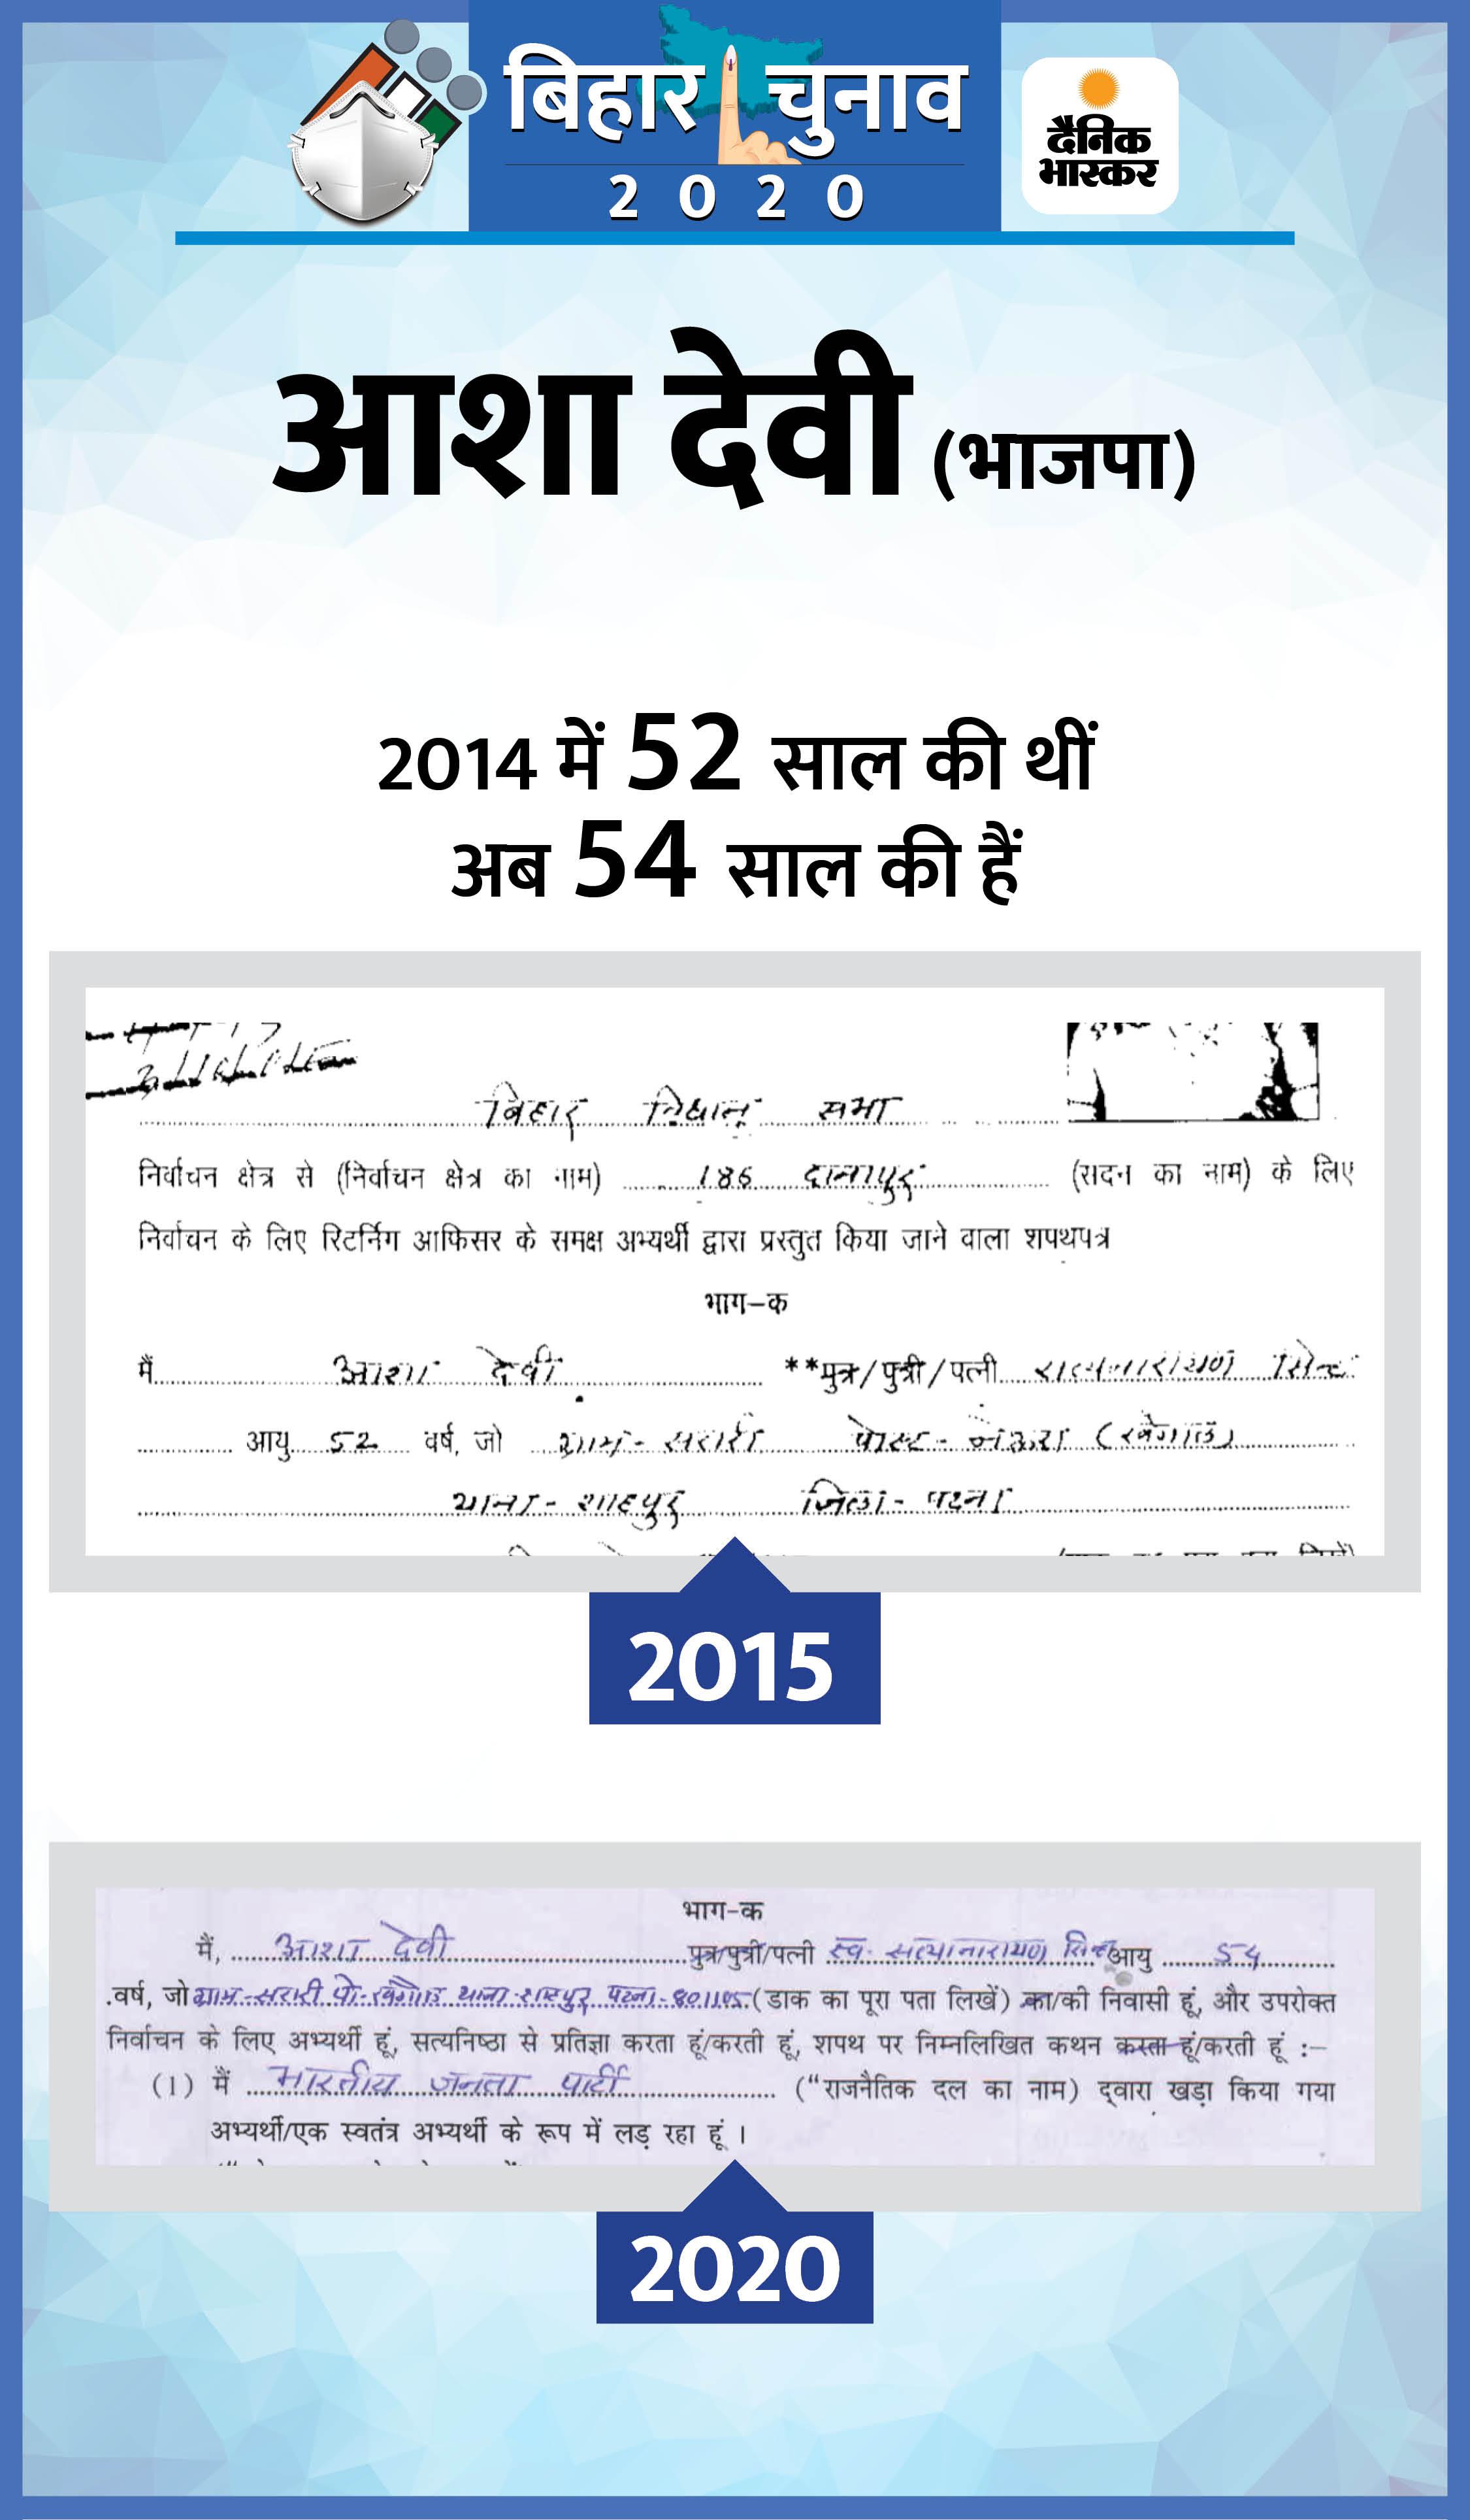 जदयू के हरिनारायण पिछली बार 75 के थे, अब 73 के हैं; पूनम देवी 5 साल से 48 की हैं, माले की शशि की उम्र 6 साल में 11 साल बढ़ी